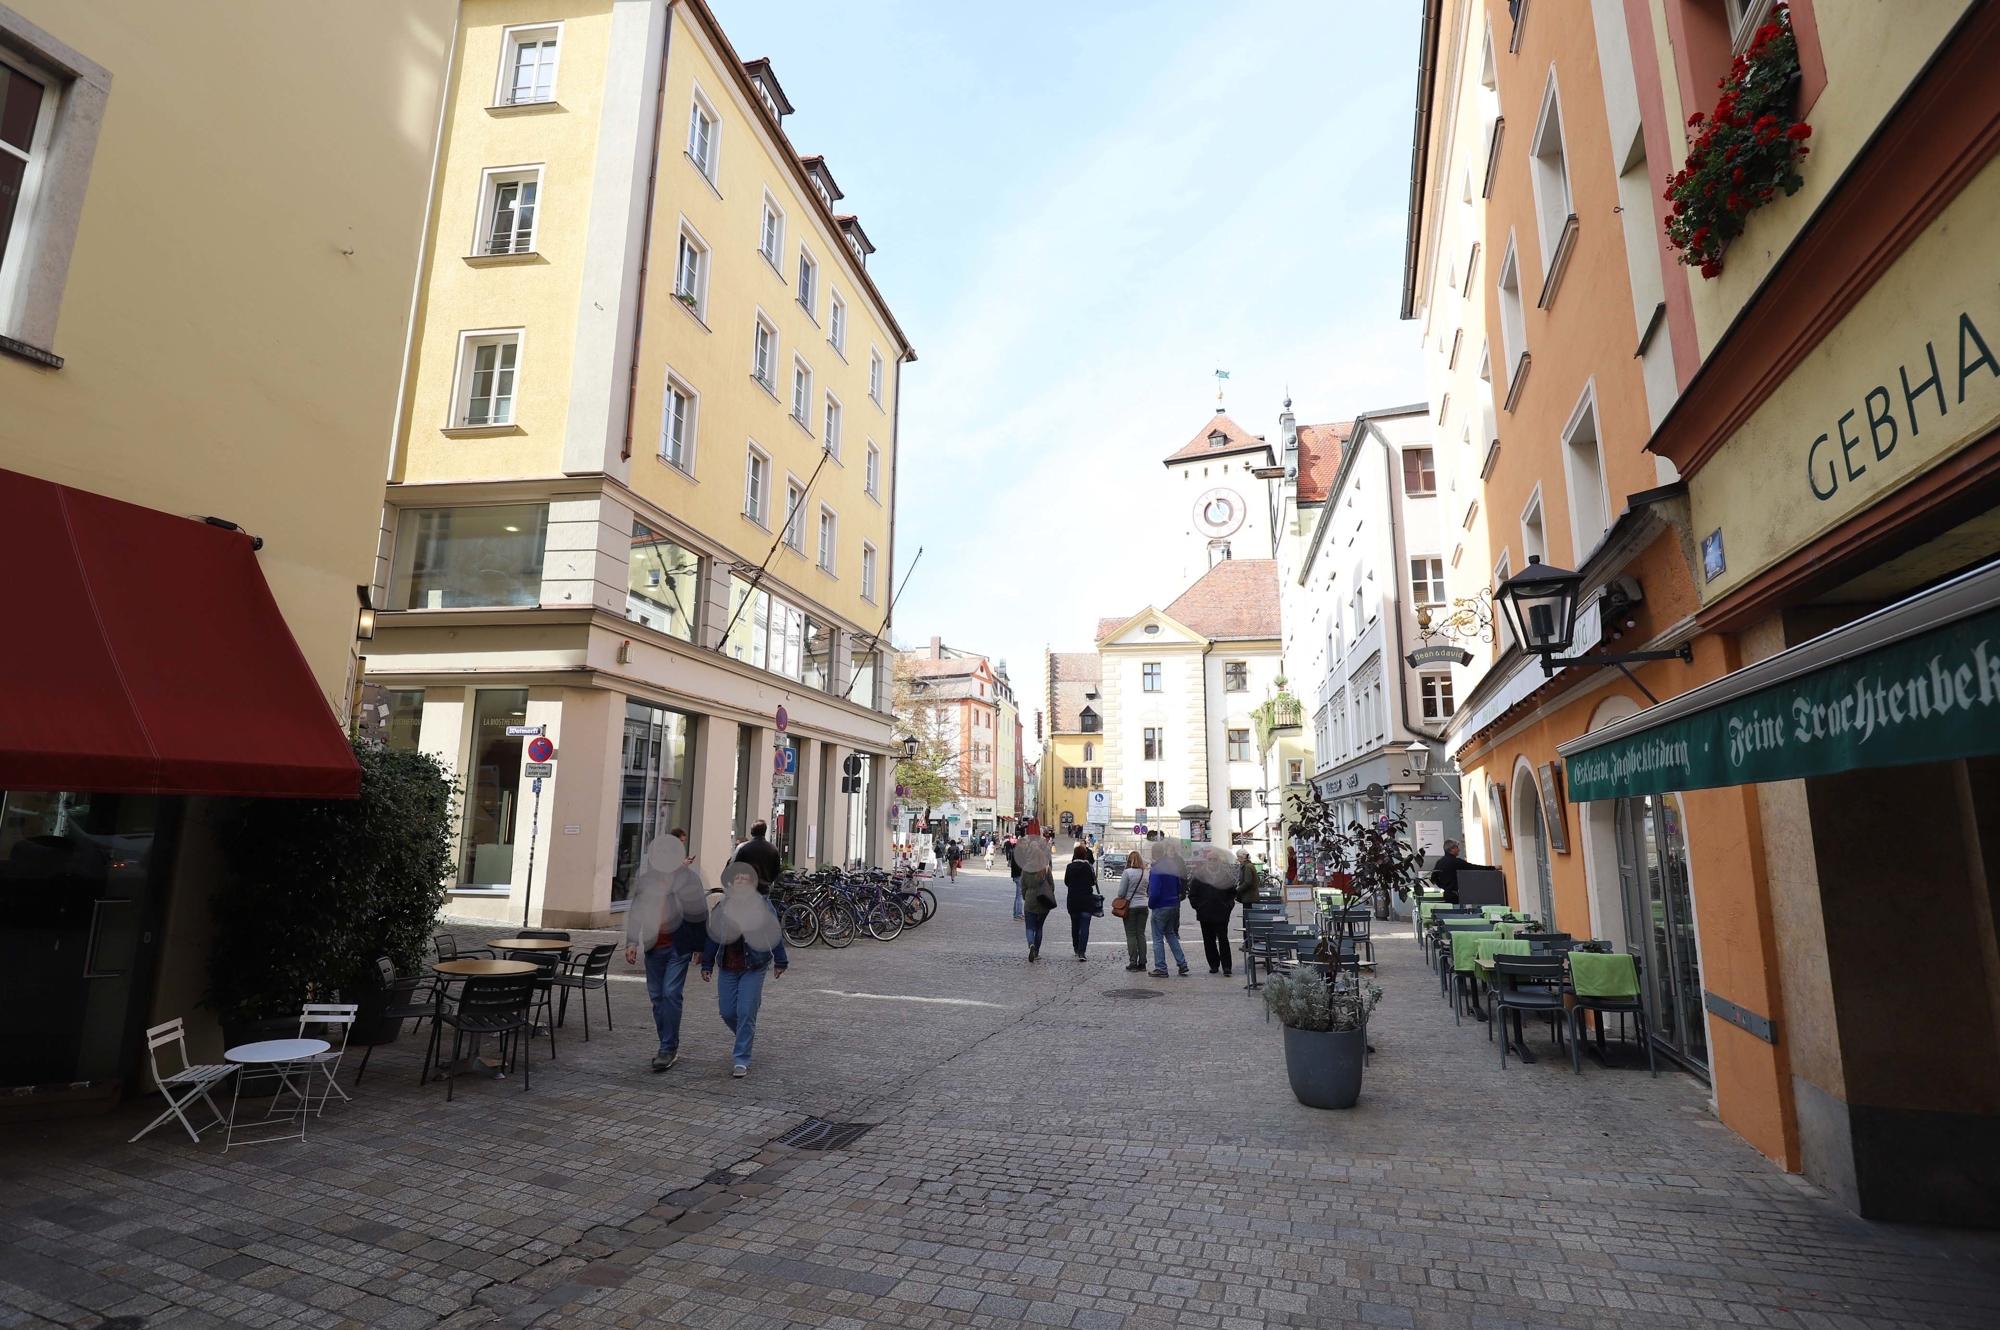 Blick Richtung Kohlenmarkt und Rathaus